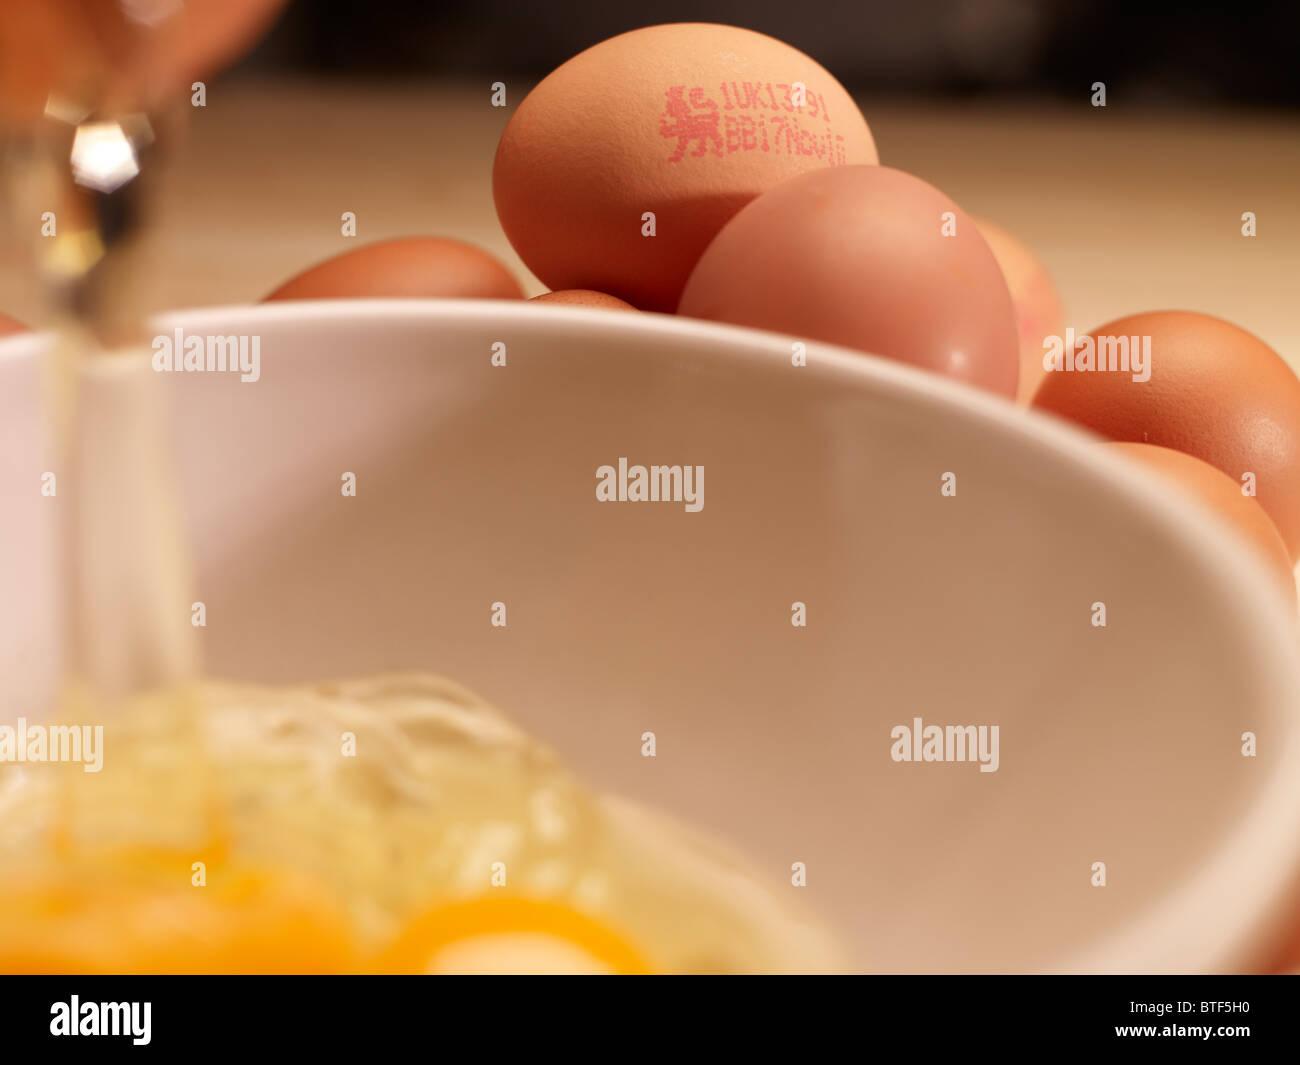 La fissuration oeuf dans un bol Photo Stock